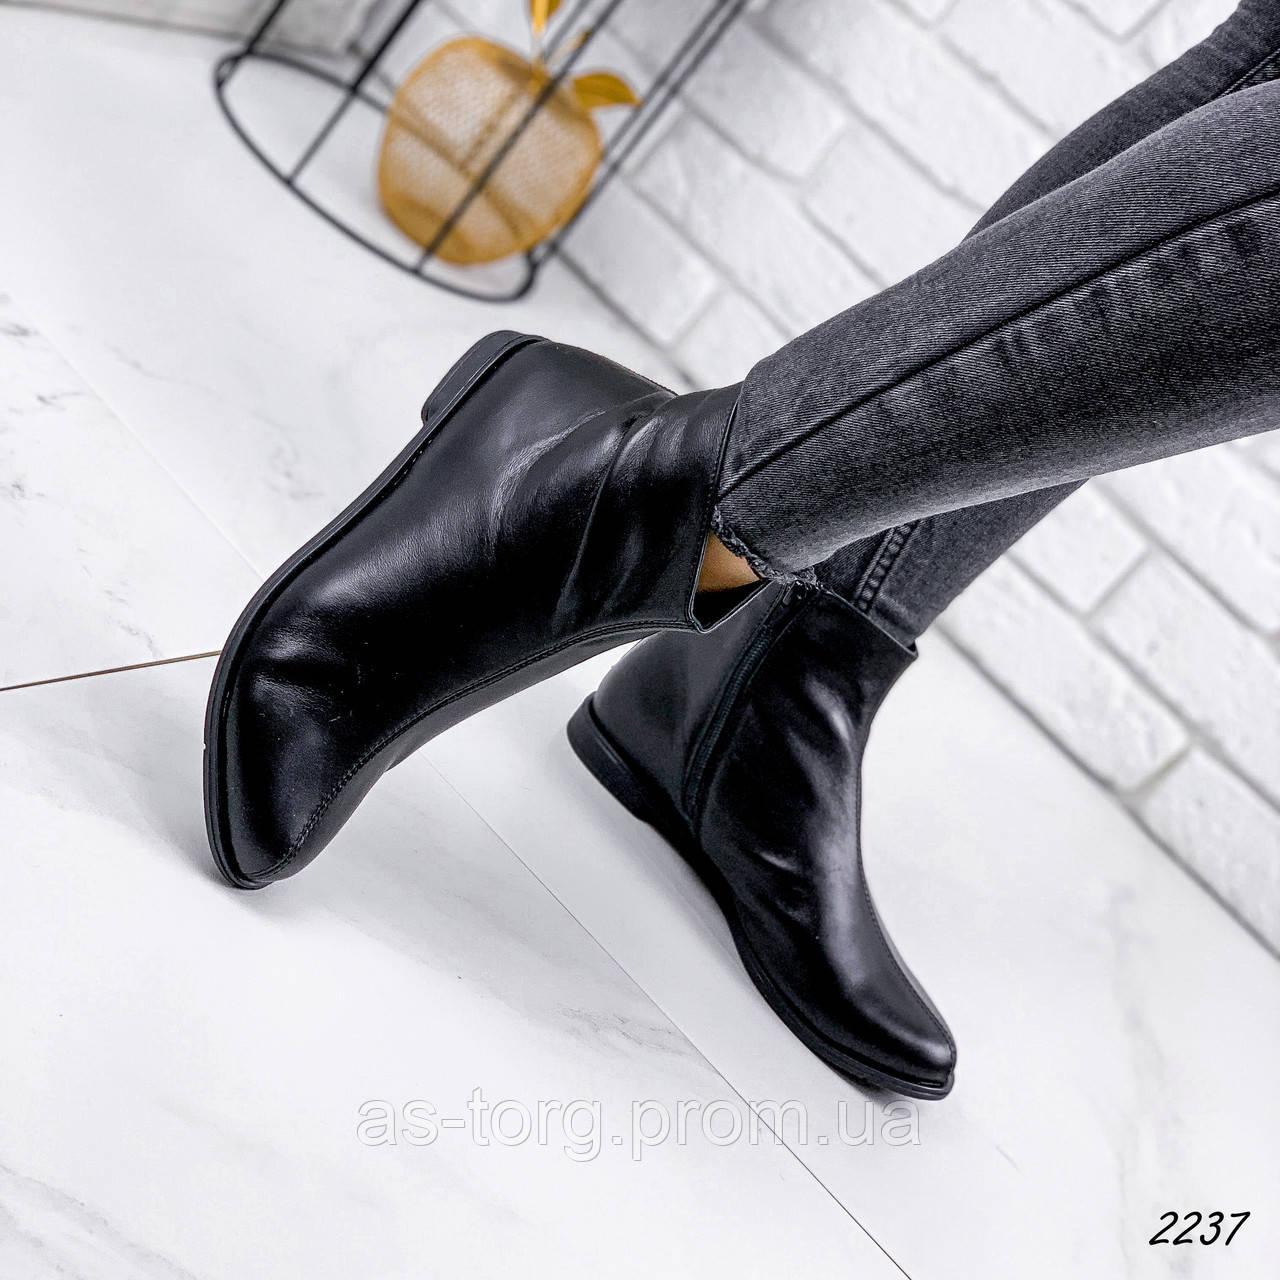 Черевики жіночі Tolly чорні 2237